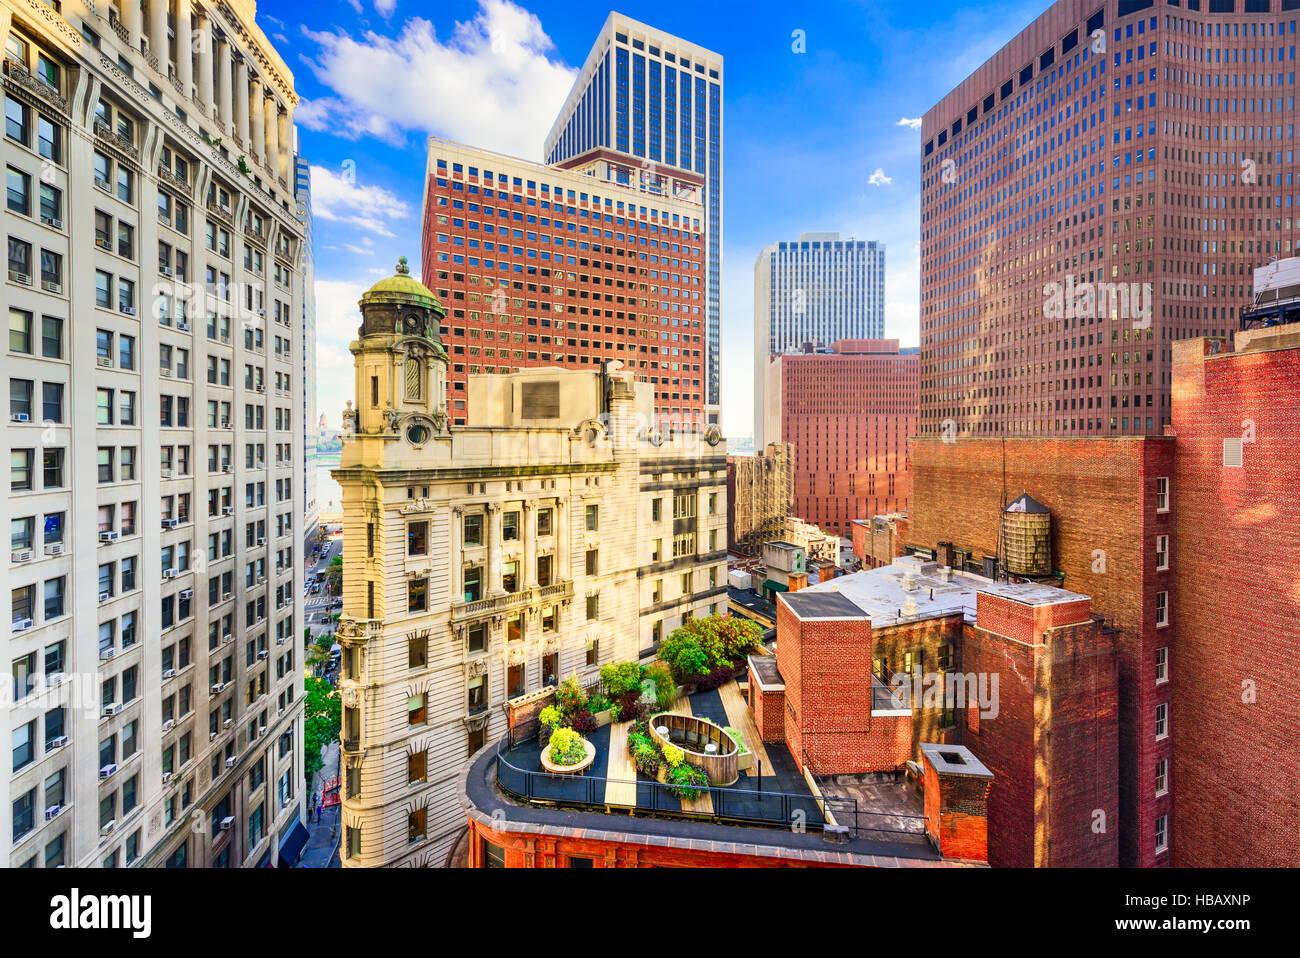 New York Ville paysage urbain entre les bâtiments du quartier financier. Photo Stock